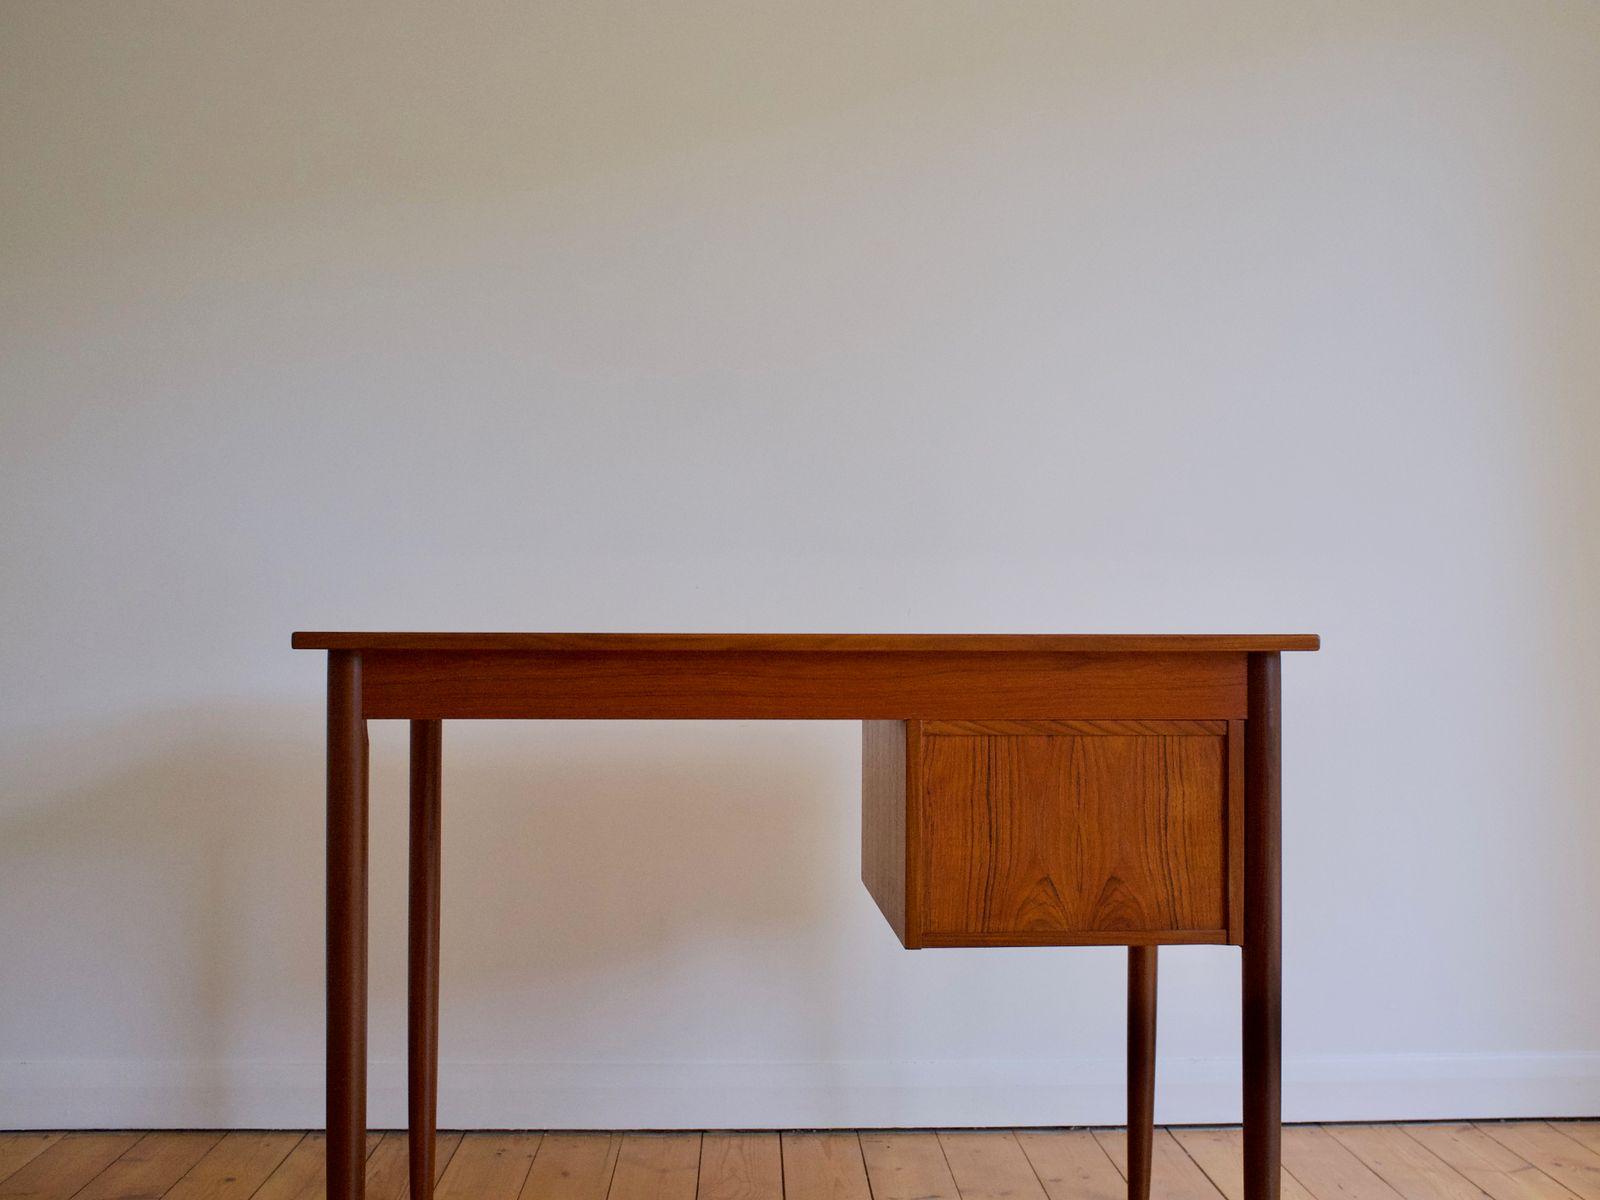 Schreibtisch designklassiker  Kleiner Dänischer Mid-Century Teak Schreibtisch, 1960er bei Pamono ...